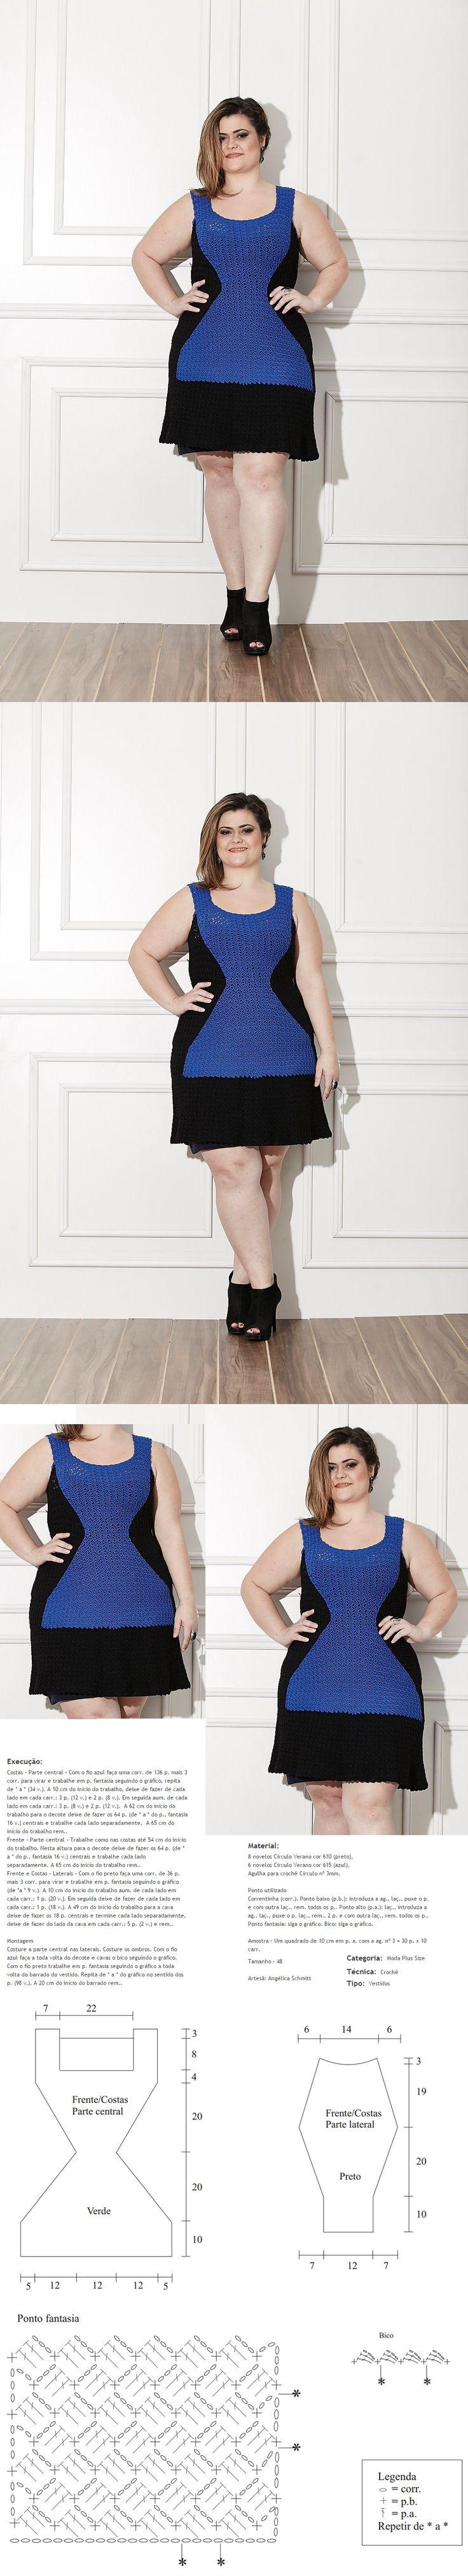 Receitas Círculo - Plus Size - Vestido Verano Emagrecedor